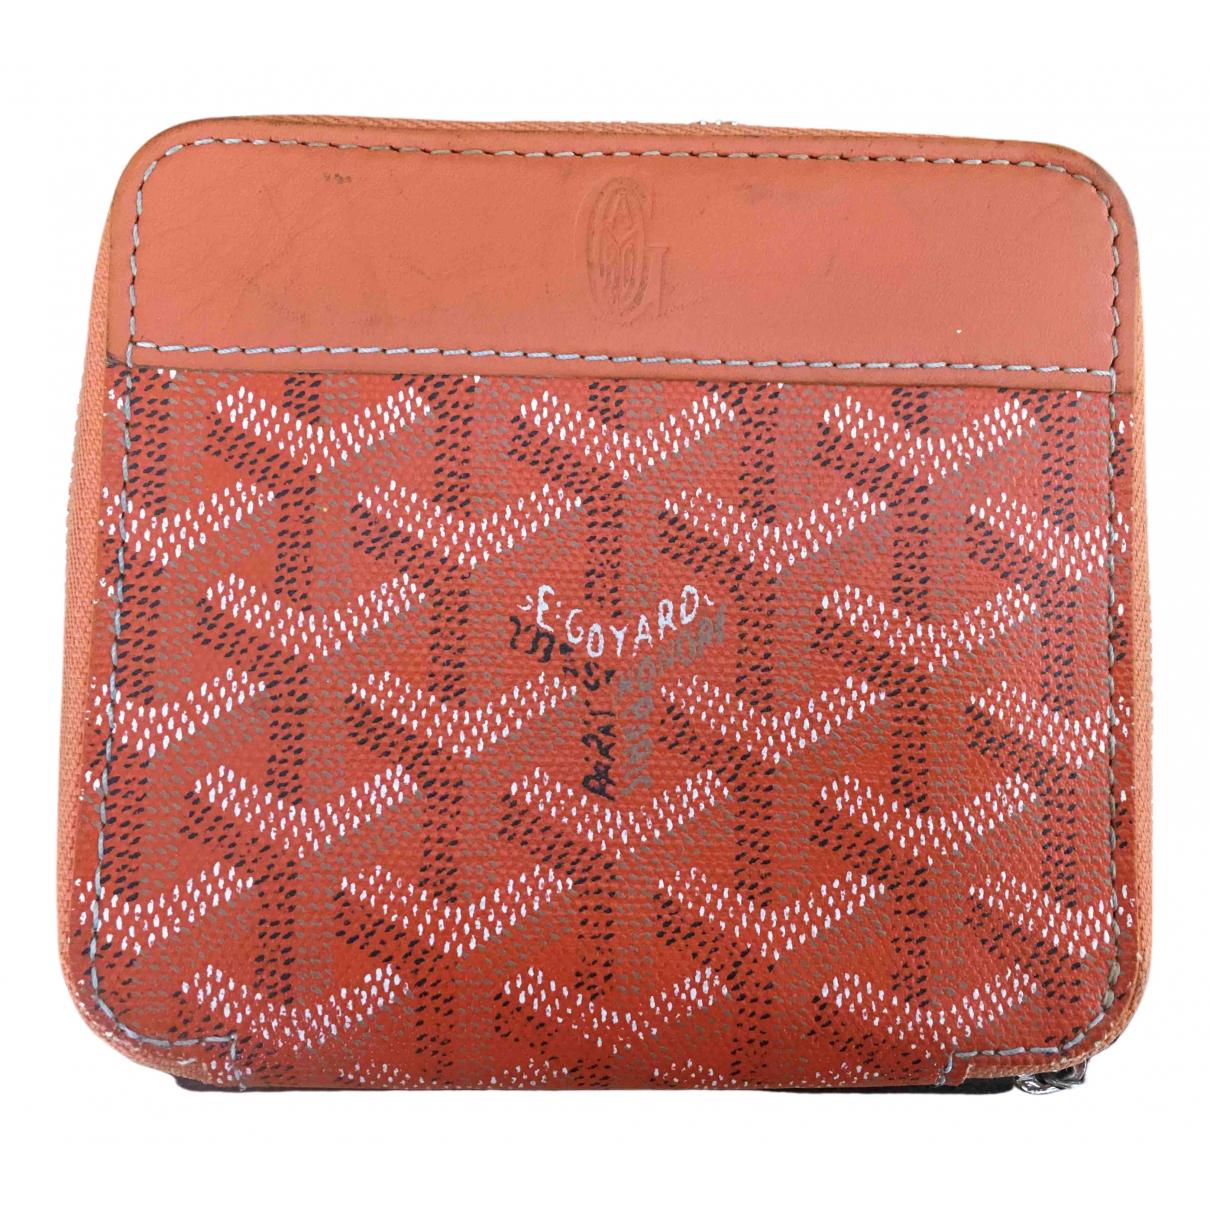 Goyard - Portefeuille   pour femme en toile - orange